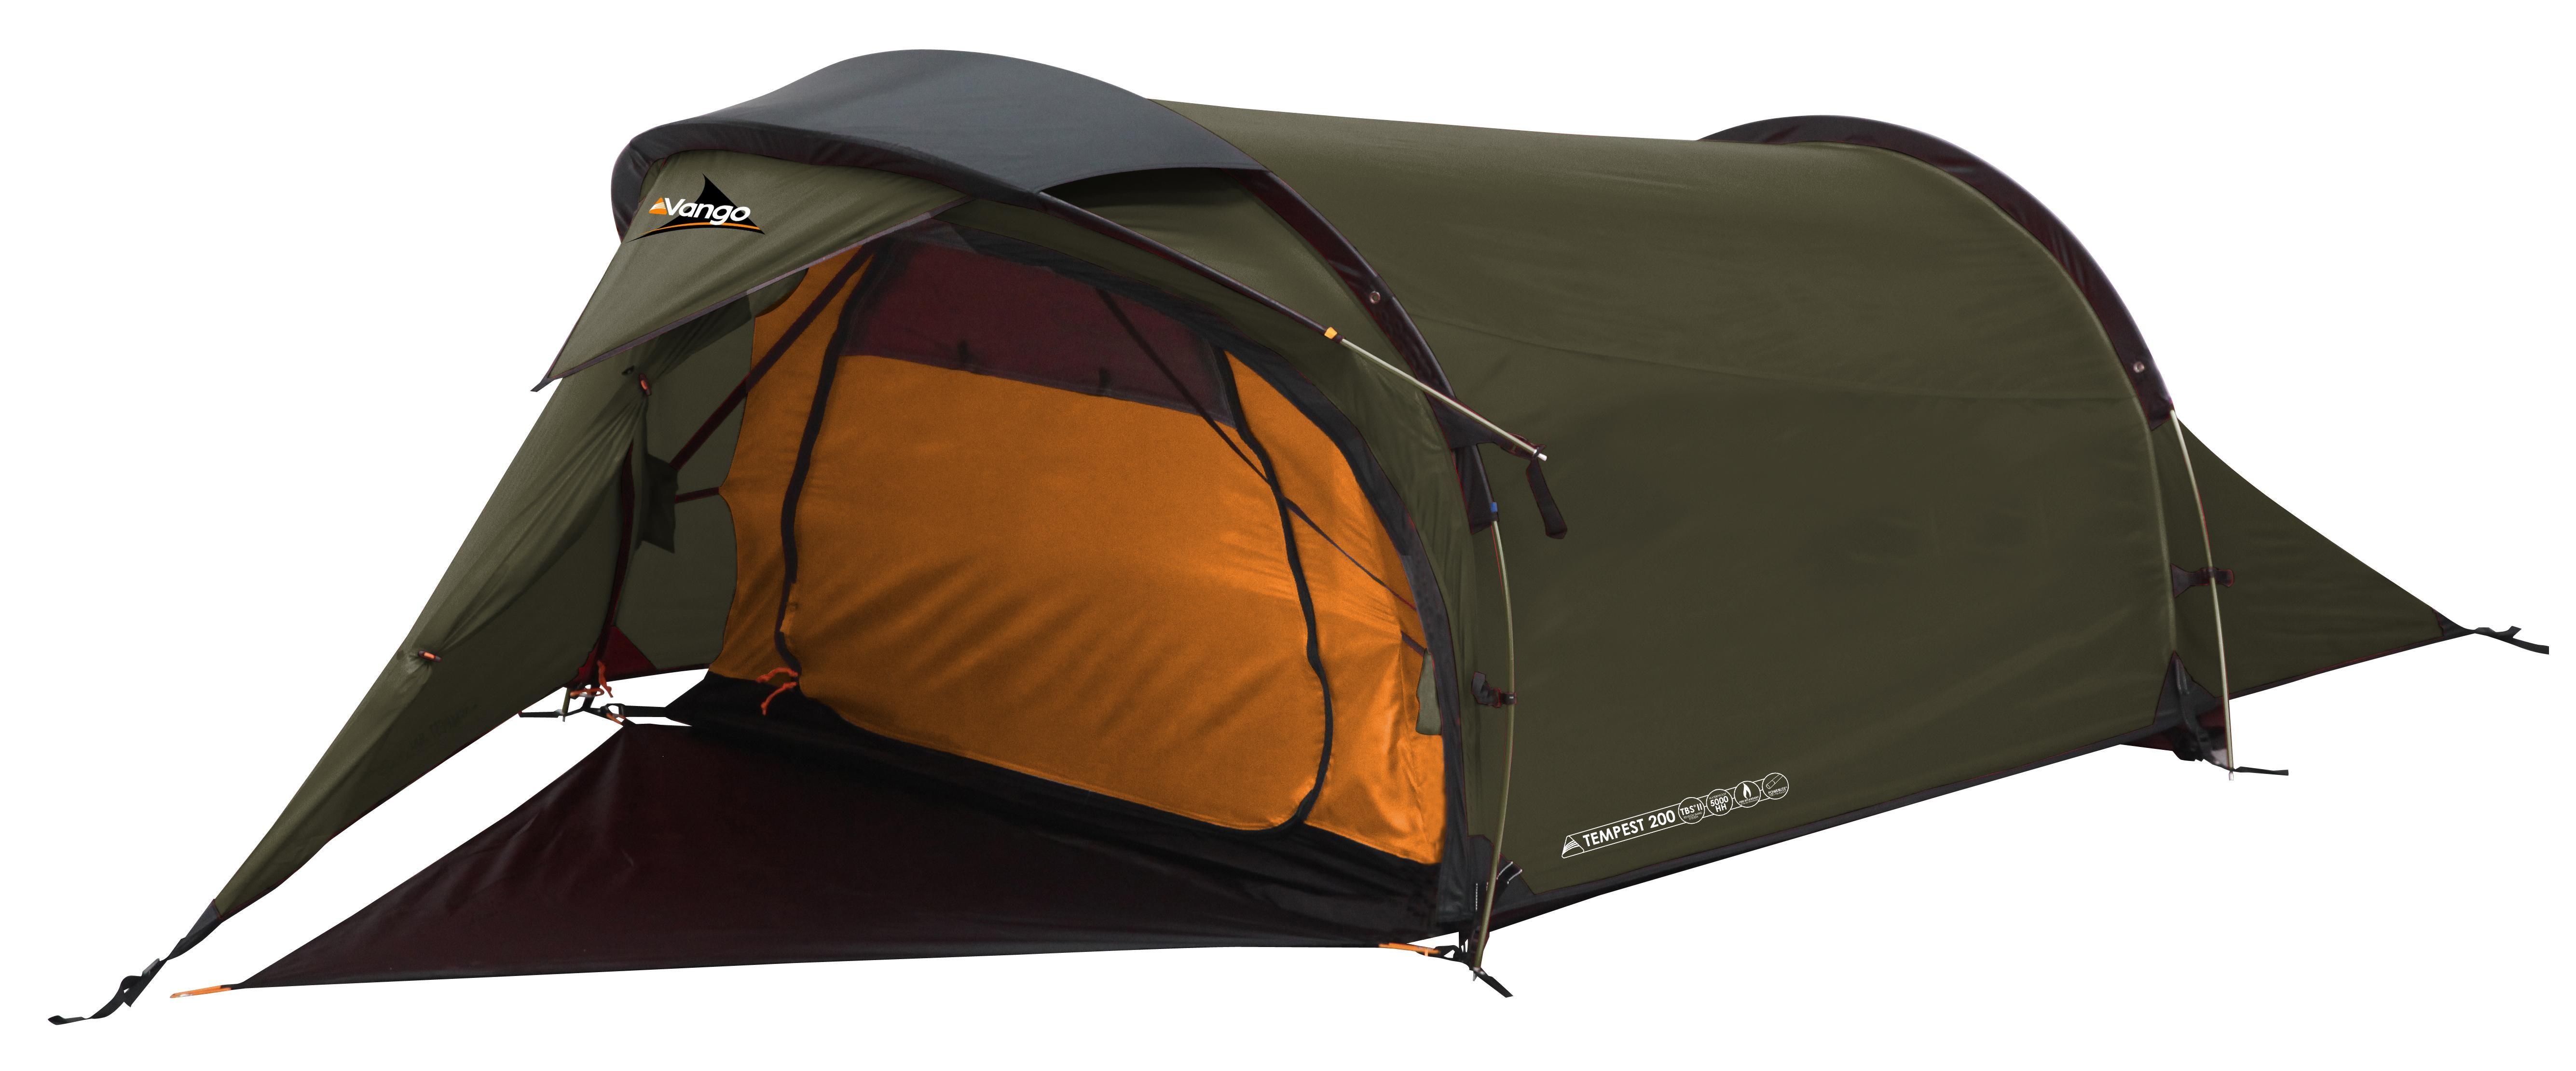 sc 1 st  Outdoor Megastore & Vango Tempest 400 Tent - 2013